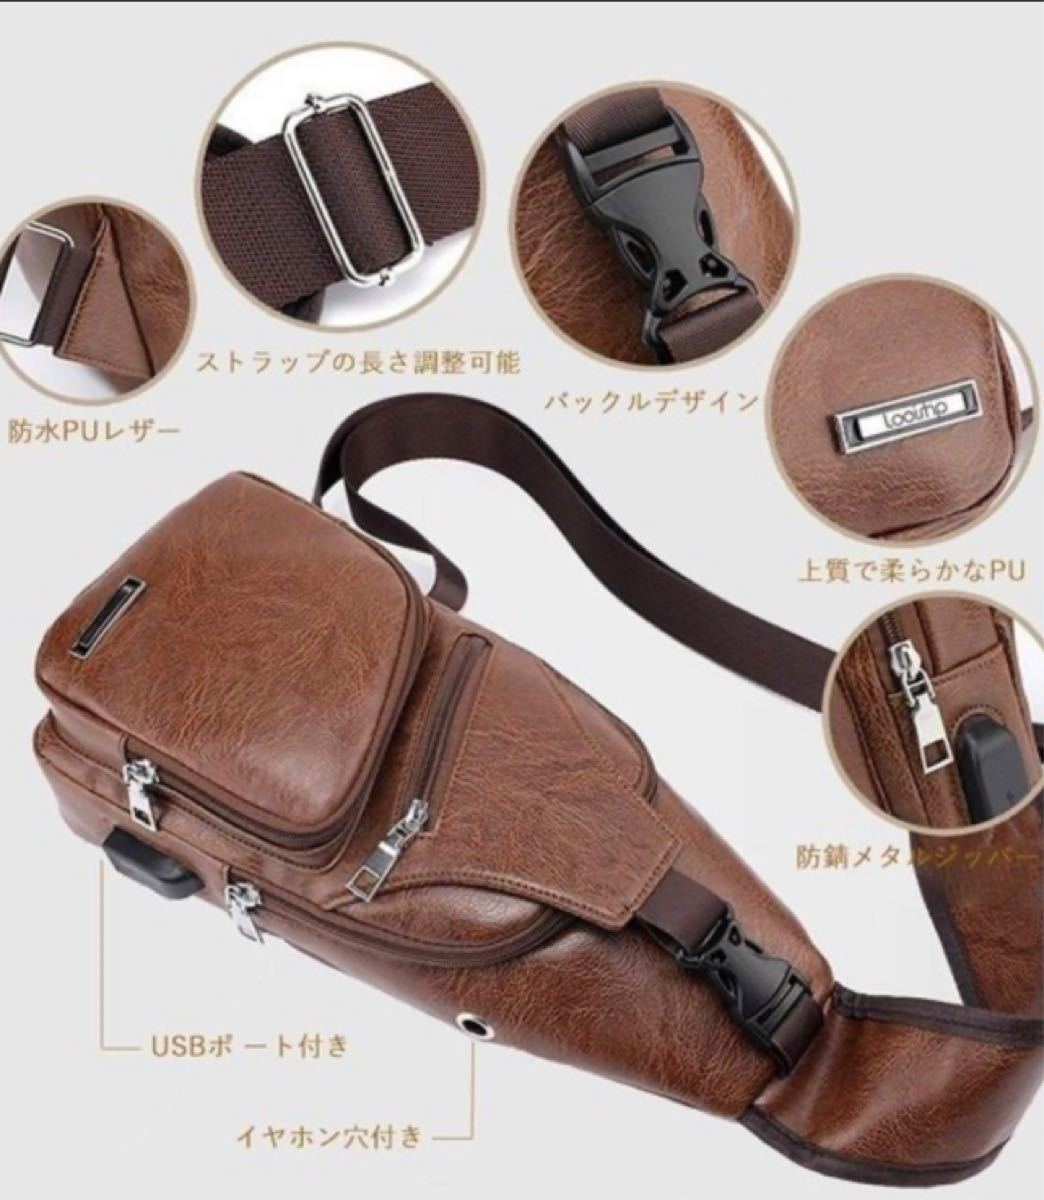 ボディバッグ ワンショルダー メンズバッグ 大容量 斜めがけバッグ ショルダーバッグ 新品 ブラック 黒 鞄 軽量 撥水 充電 夏